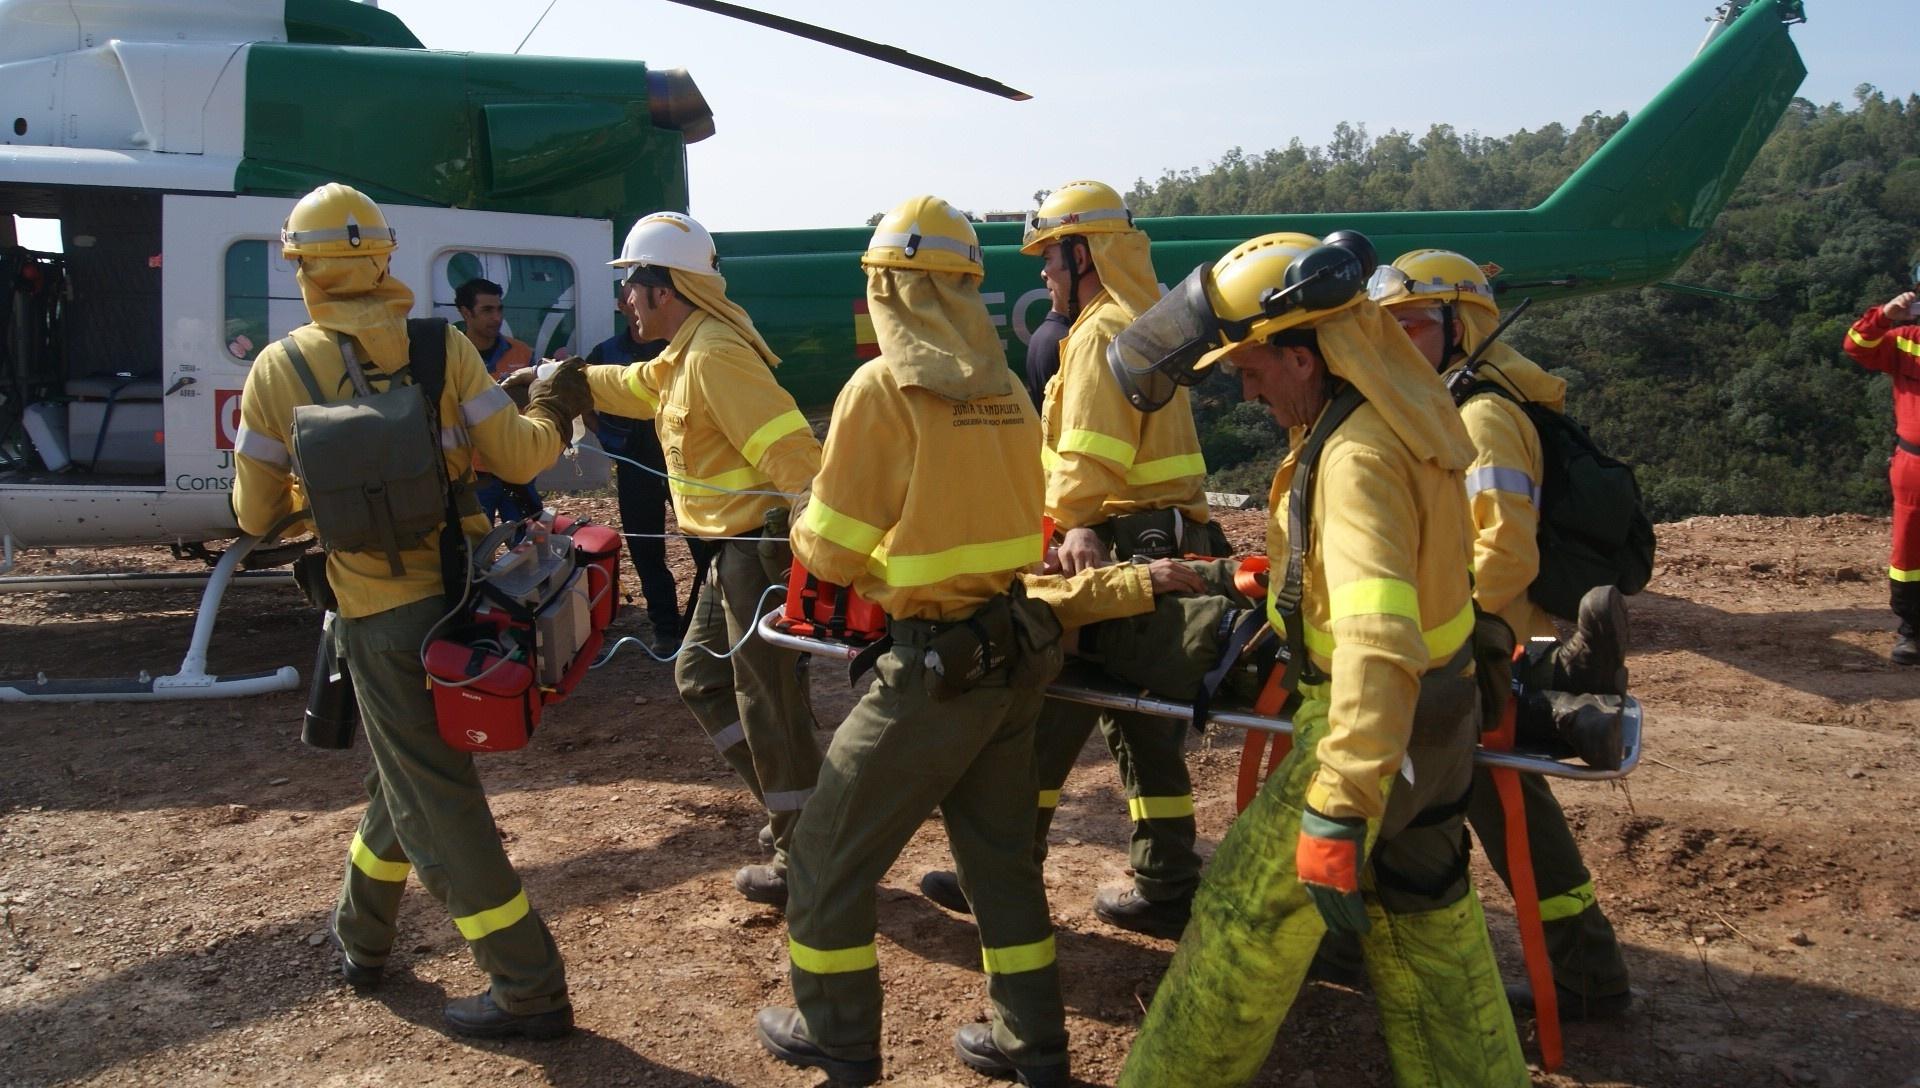 Afectadas 1.165 hectáreas por incendios forestales en lo que va de año, un 85% menos que la media de la última década